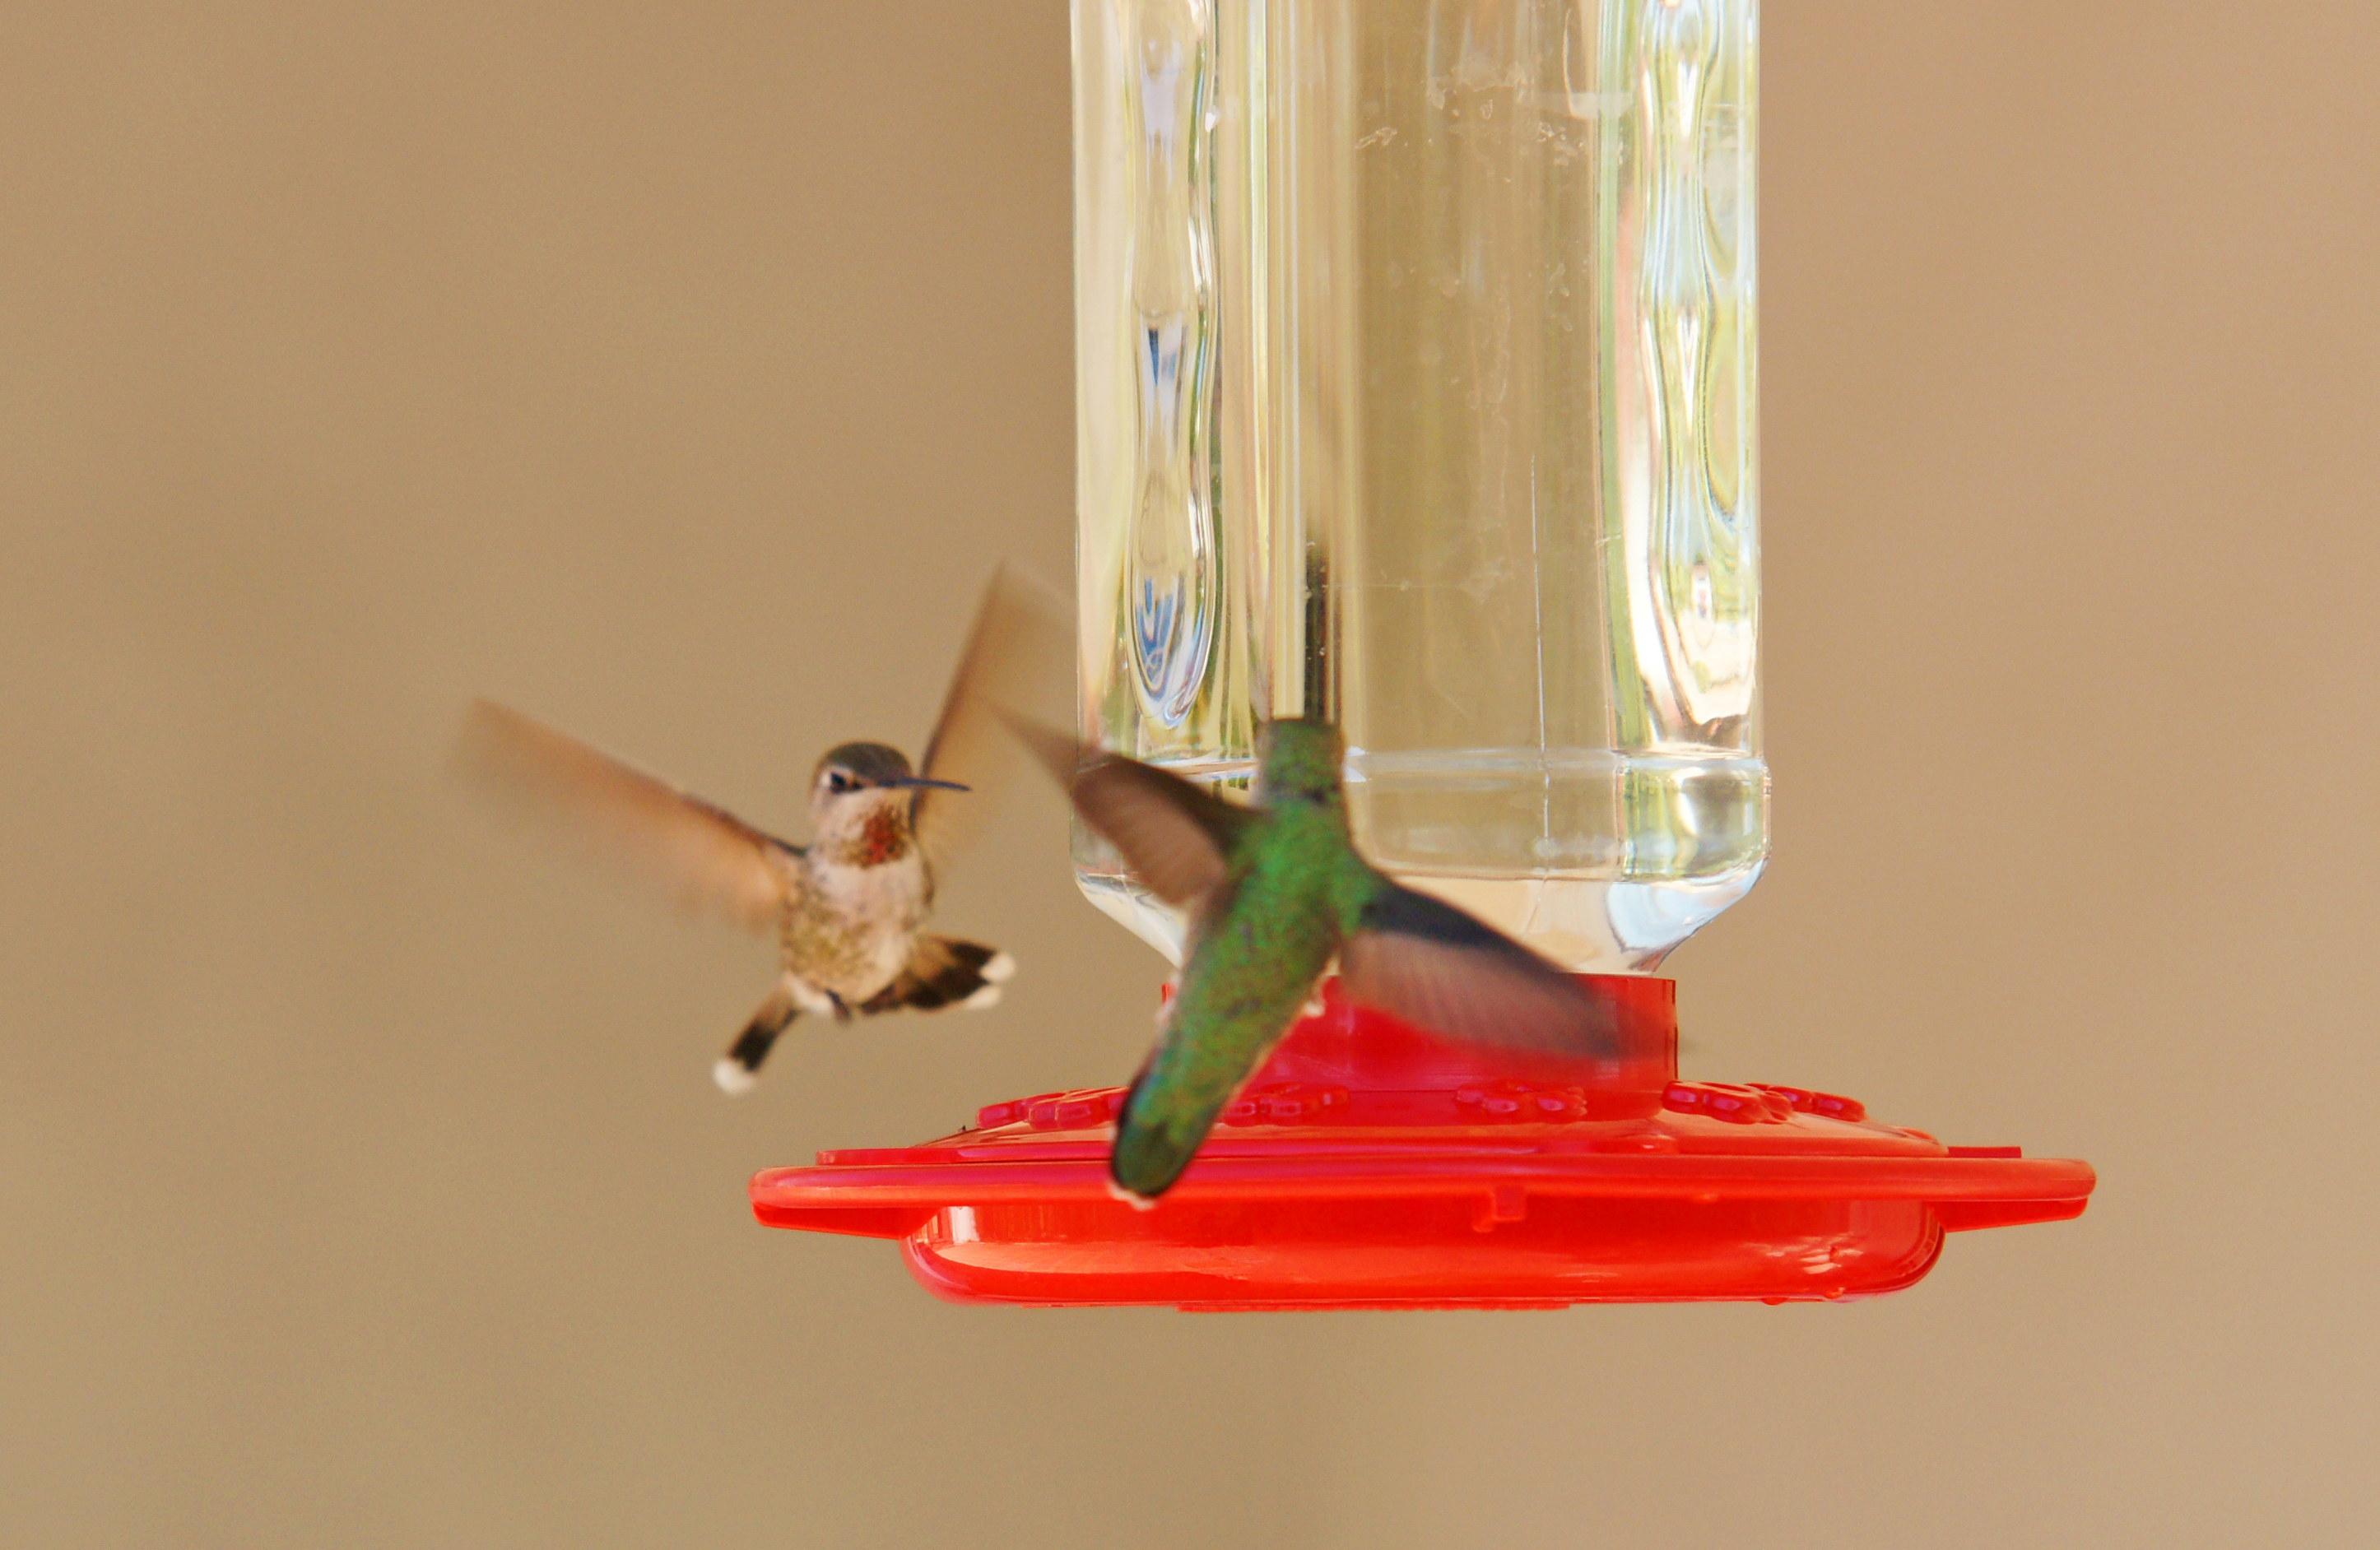 HummingbirdsGallery31